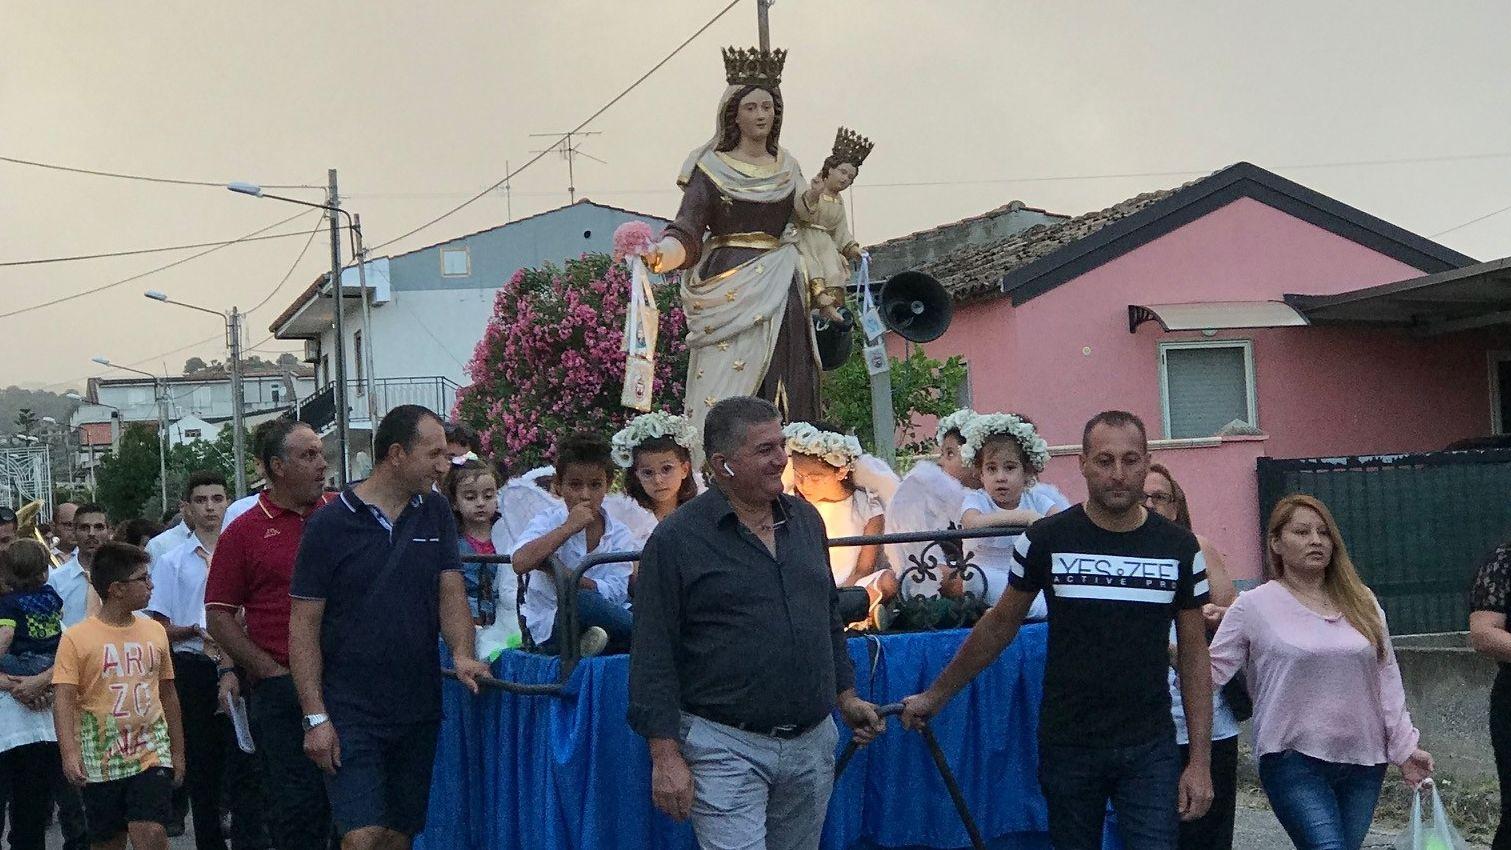 Die Madonna del Carmine wird bei einer Prozession durch den Ort getragen.